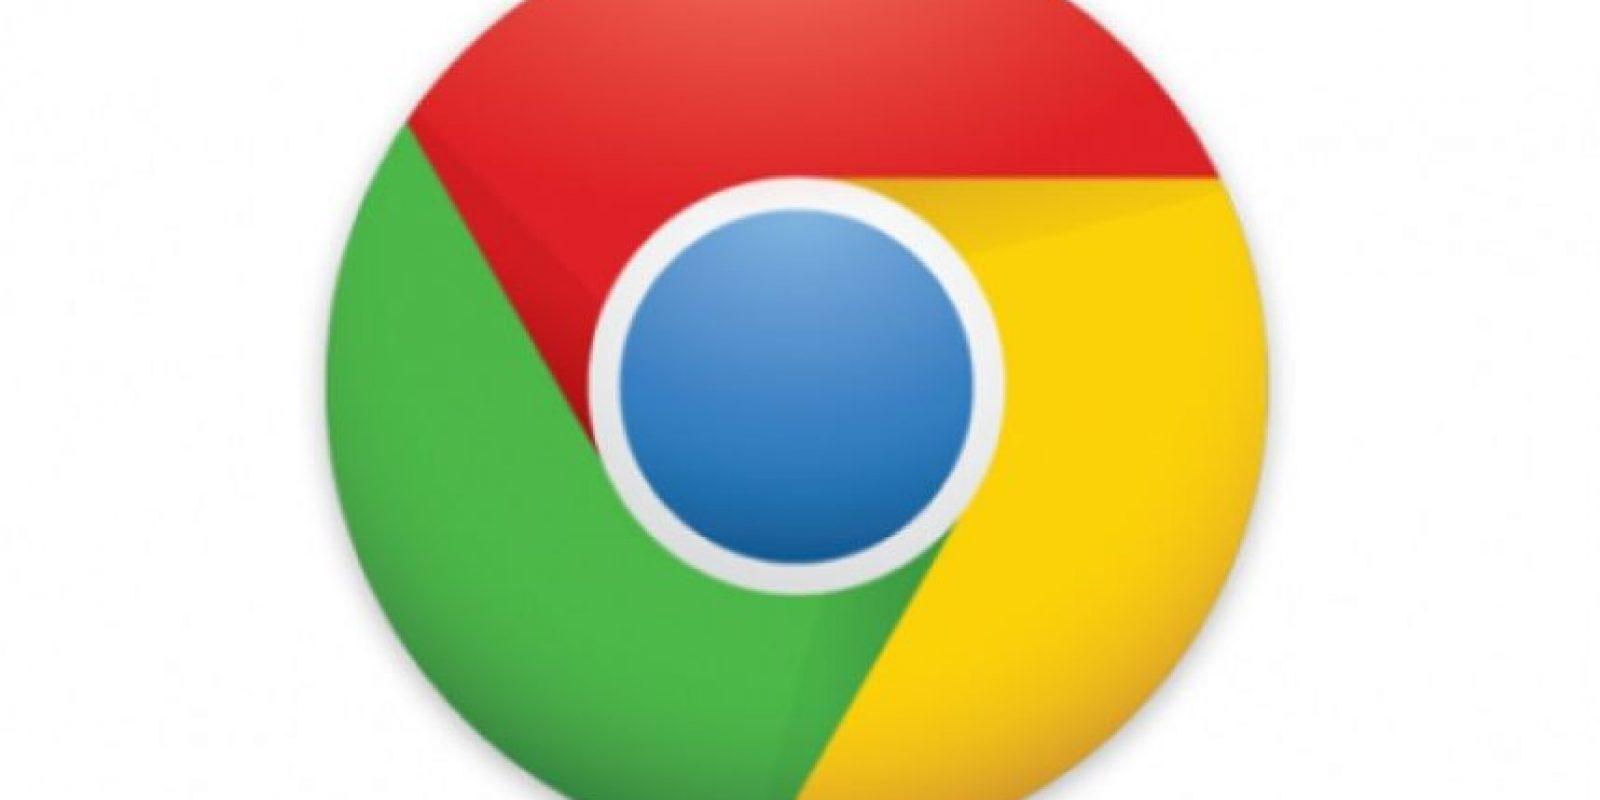 Expertos sugieren utilizar navegadores alternativos como Chrome, Firefox o Safari. Foto:Tumblr